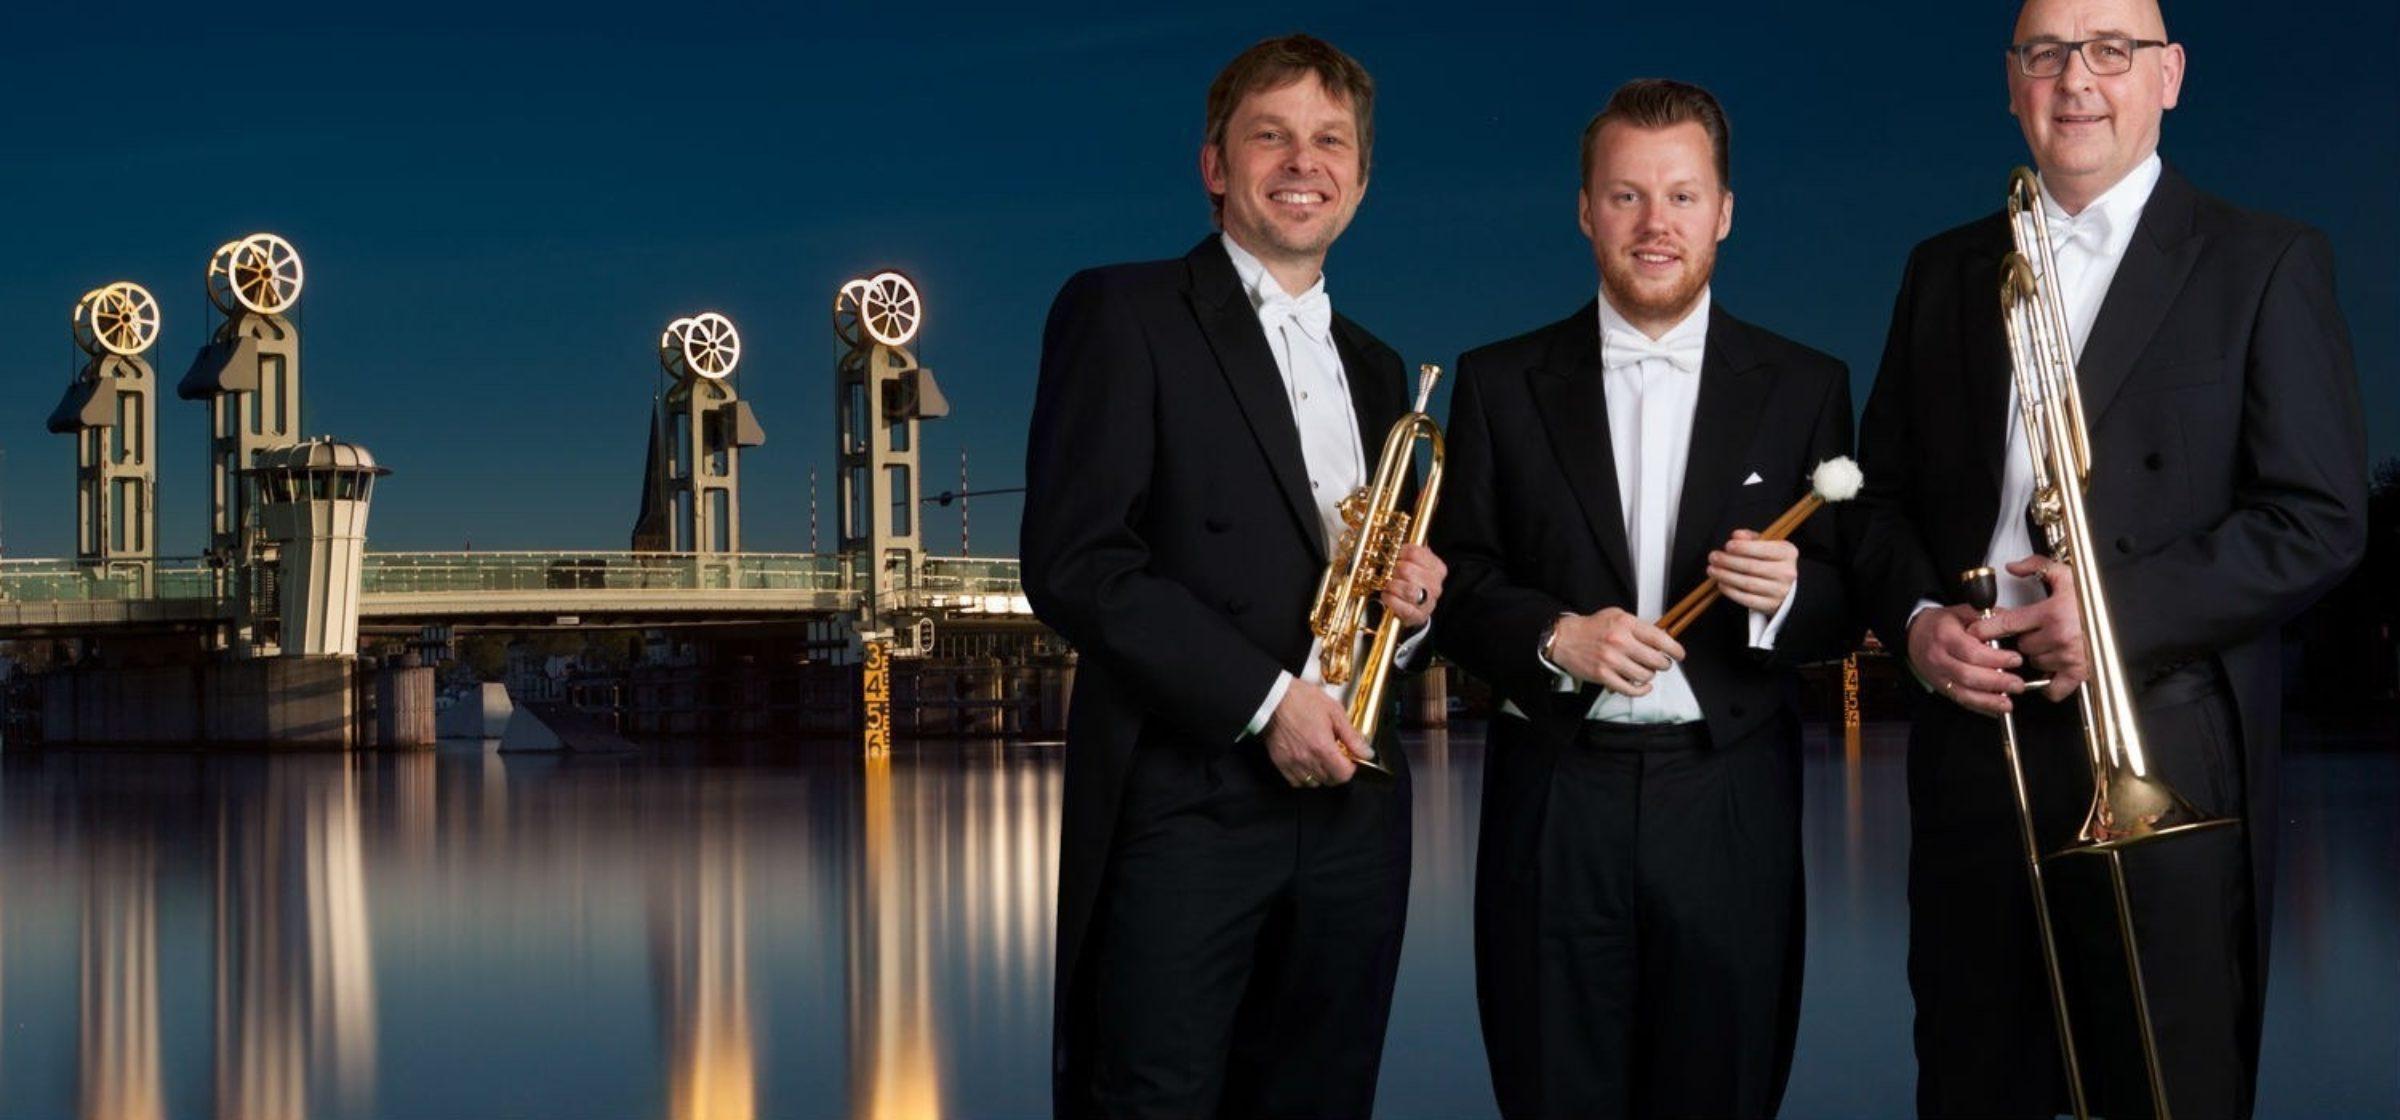 Nieuwjaarsconcert Orkest van het Oosten 1782 1542638457 35ht6bigln